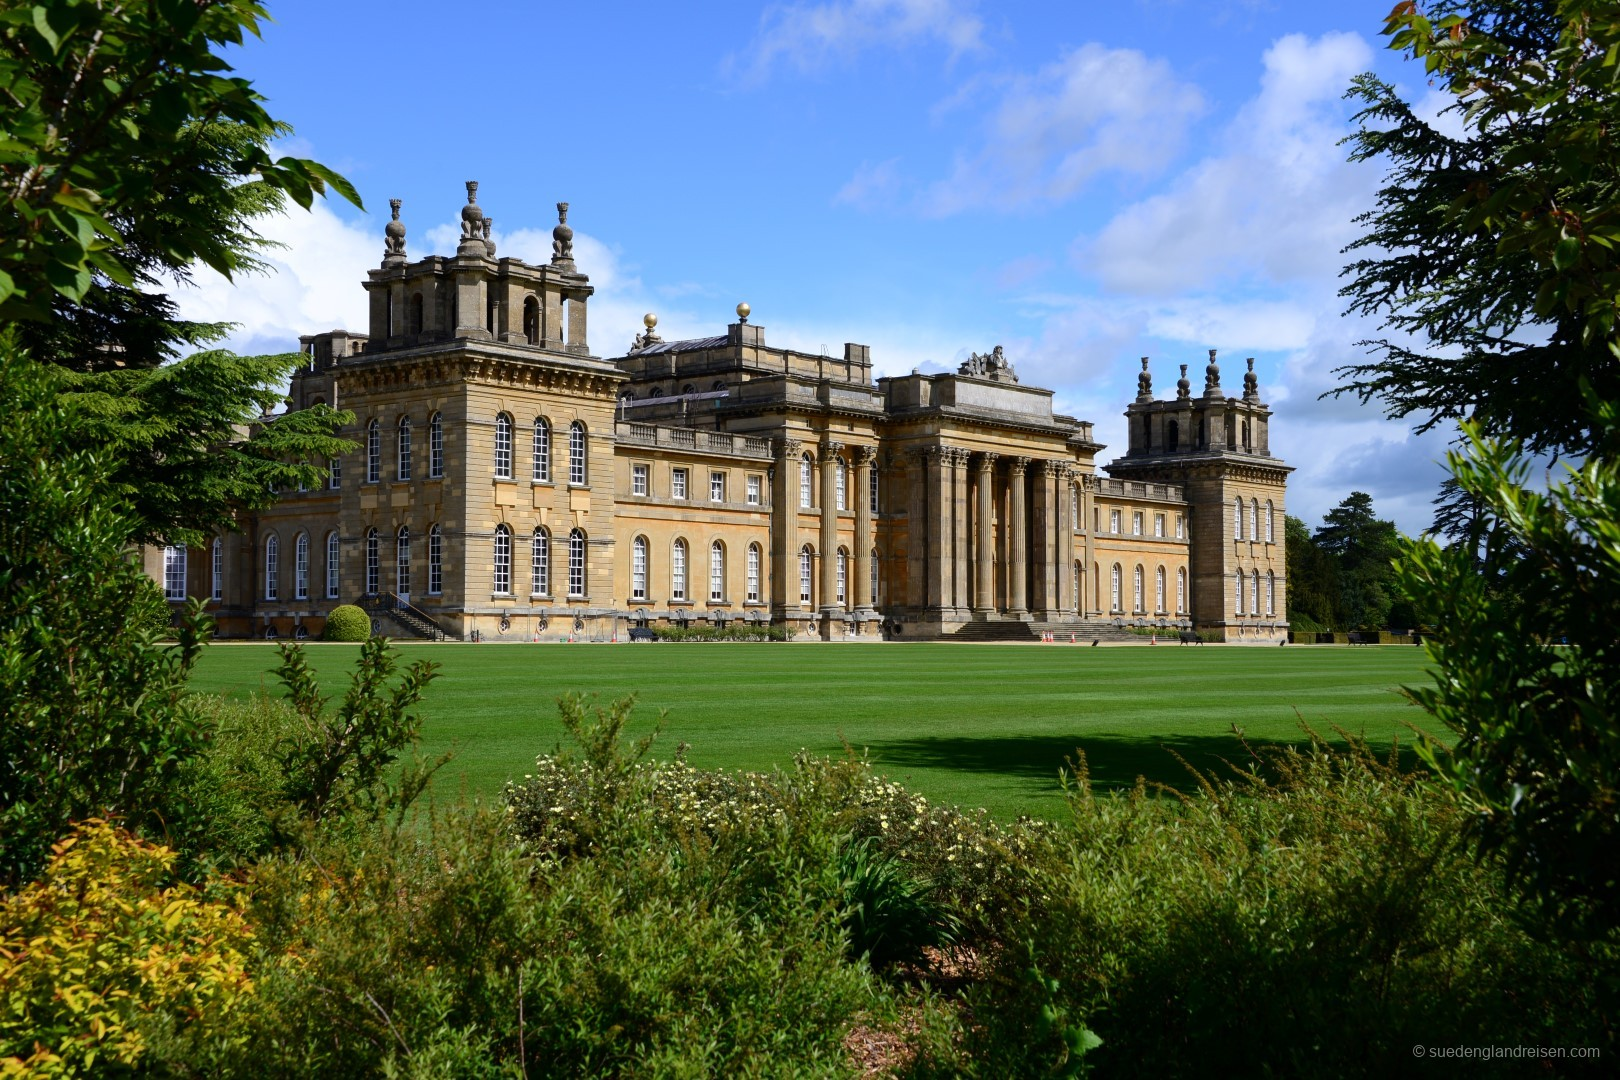 Blenheim Palace von der Gartenseite aus gesehen